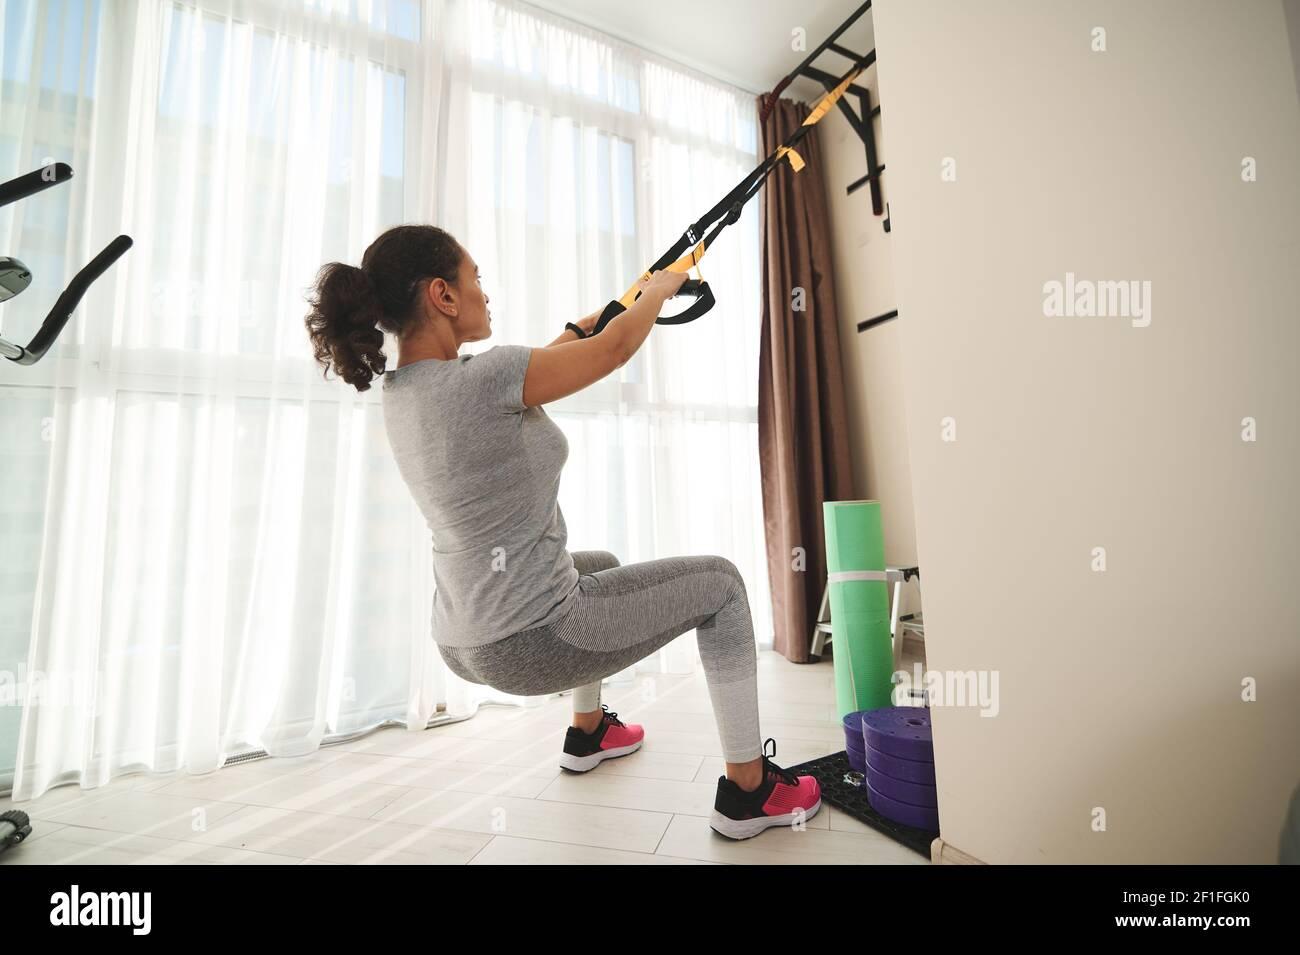 Ein sportliches Mädchen, das zu Hause mit Fitness-Gurten ein Suspension-Training durchführt. Fit Frau Training Beinmuskeln. Konzept der gesunden Lebensweise und Abnehmen wo Stockfoto